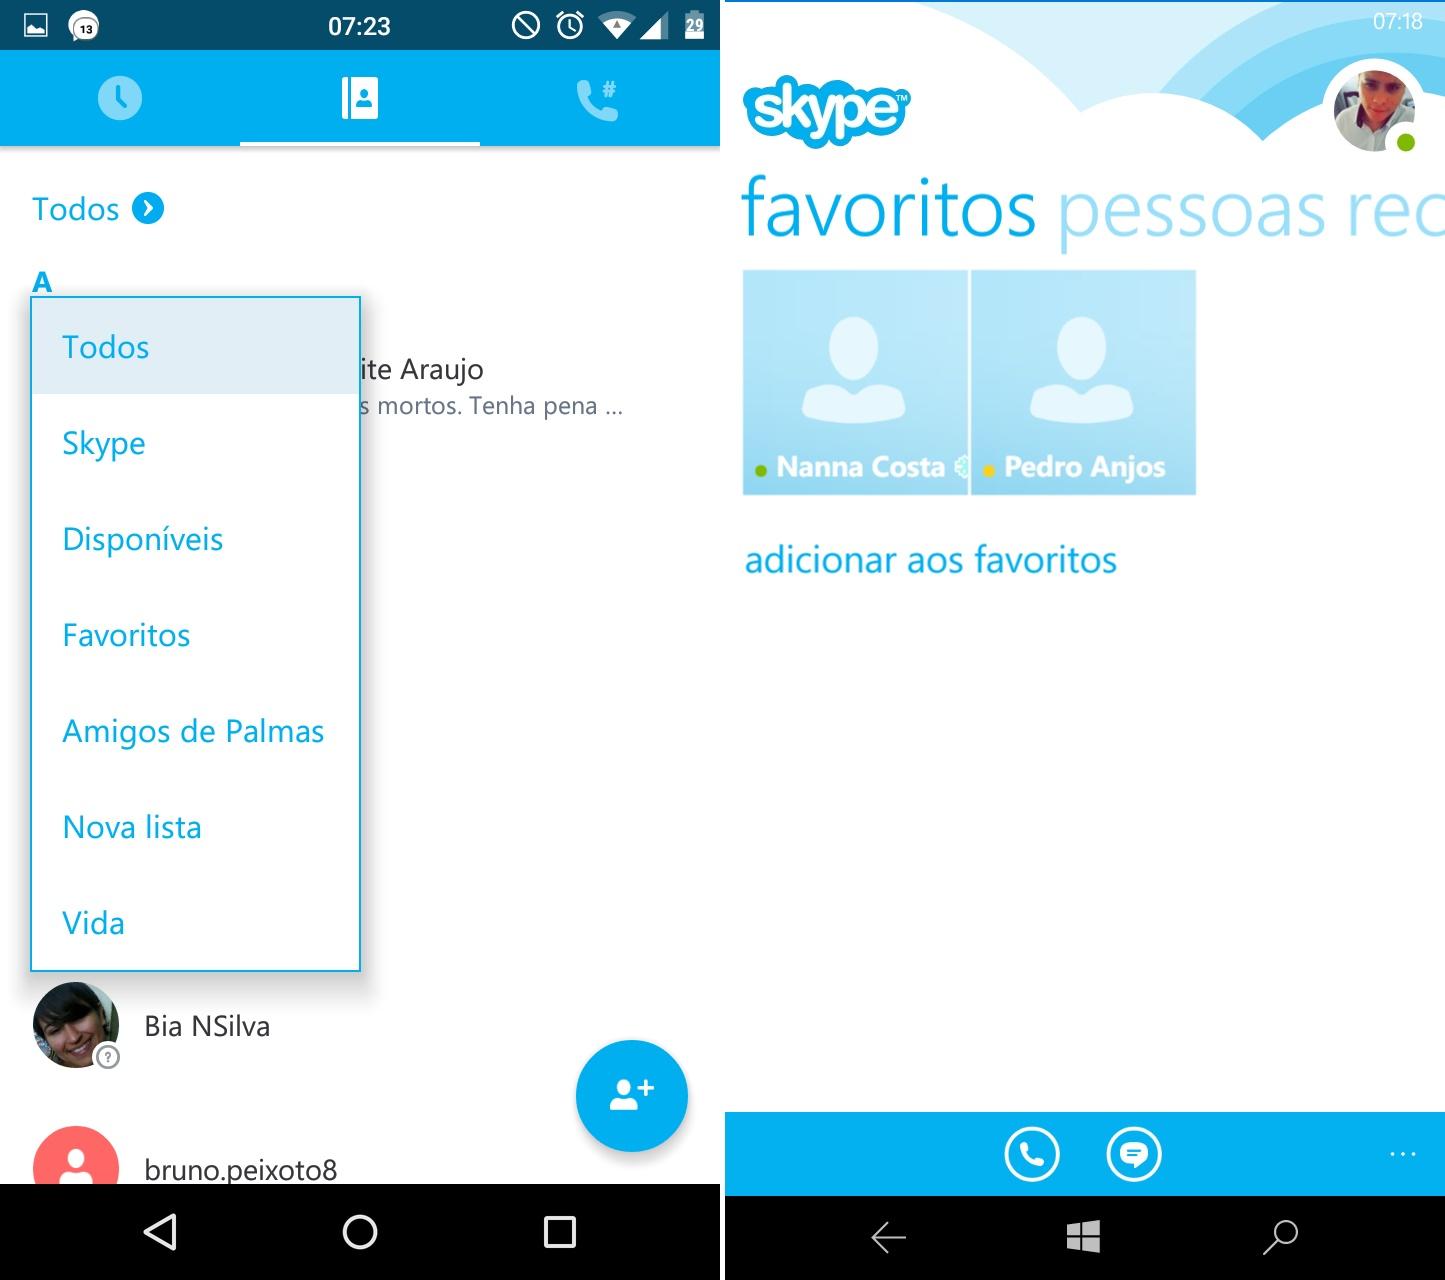 5-comparativo #12- skype